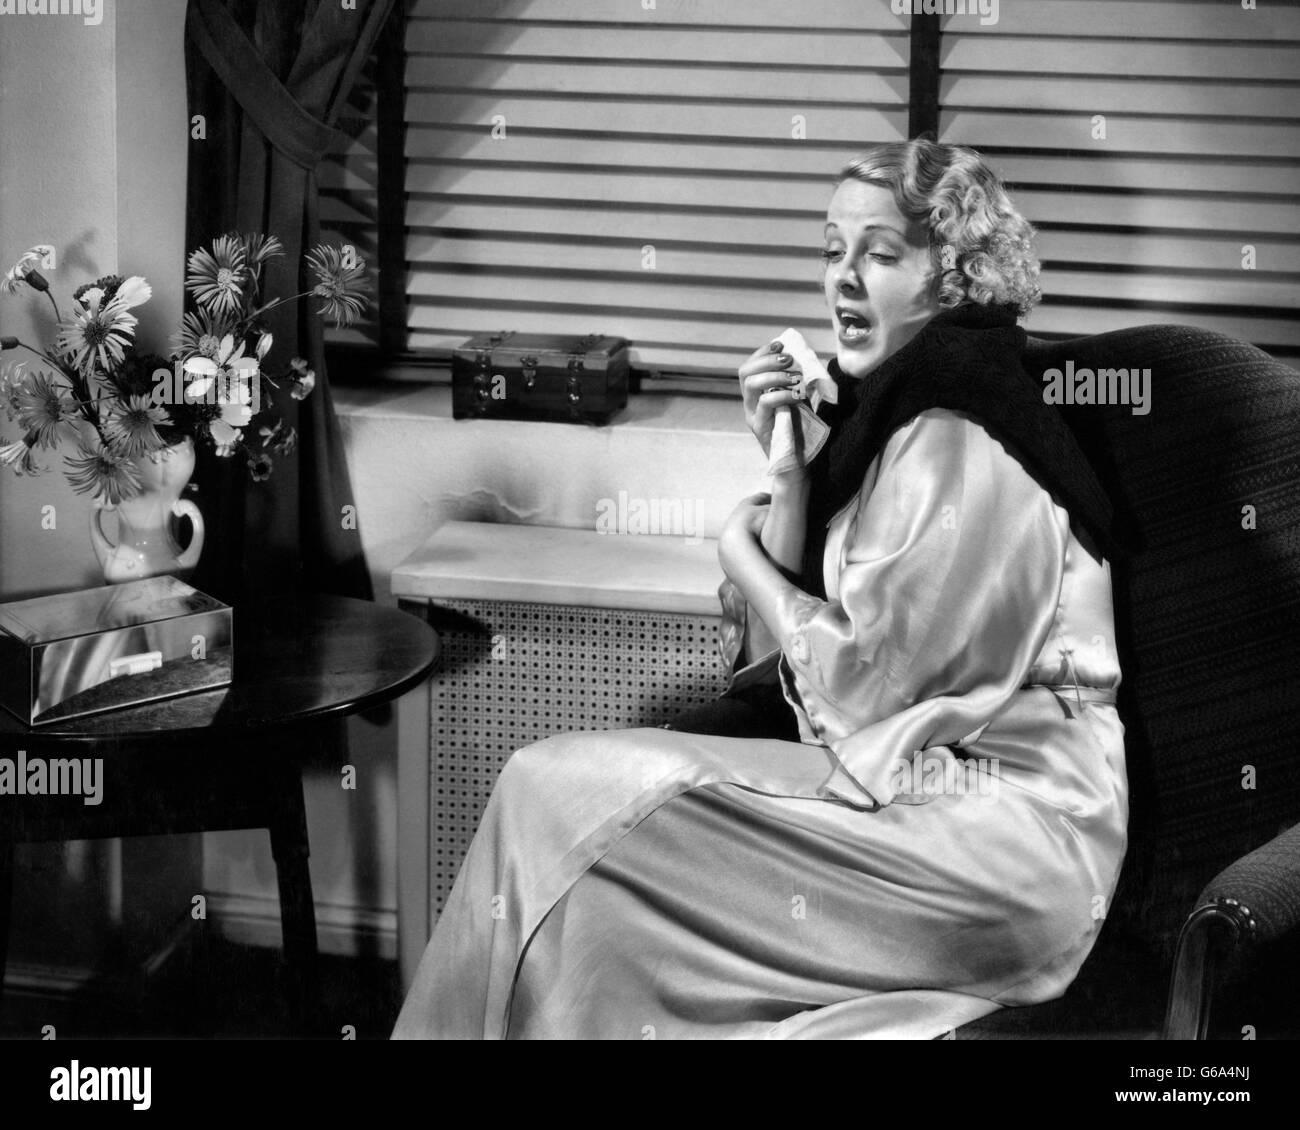 Heizkörper Zum Sitzen 1930er jahren frau niesen husten mit kalten sitzt neben heizkörper